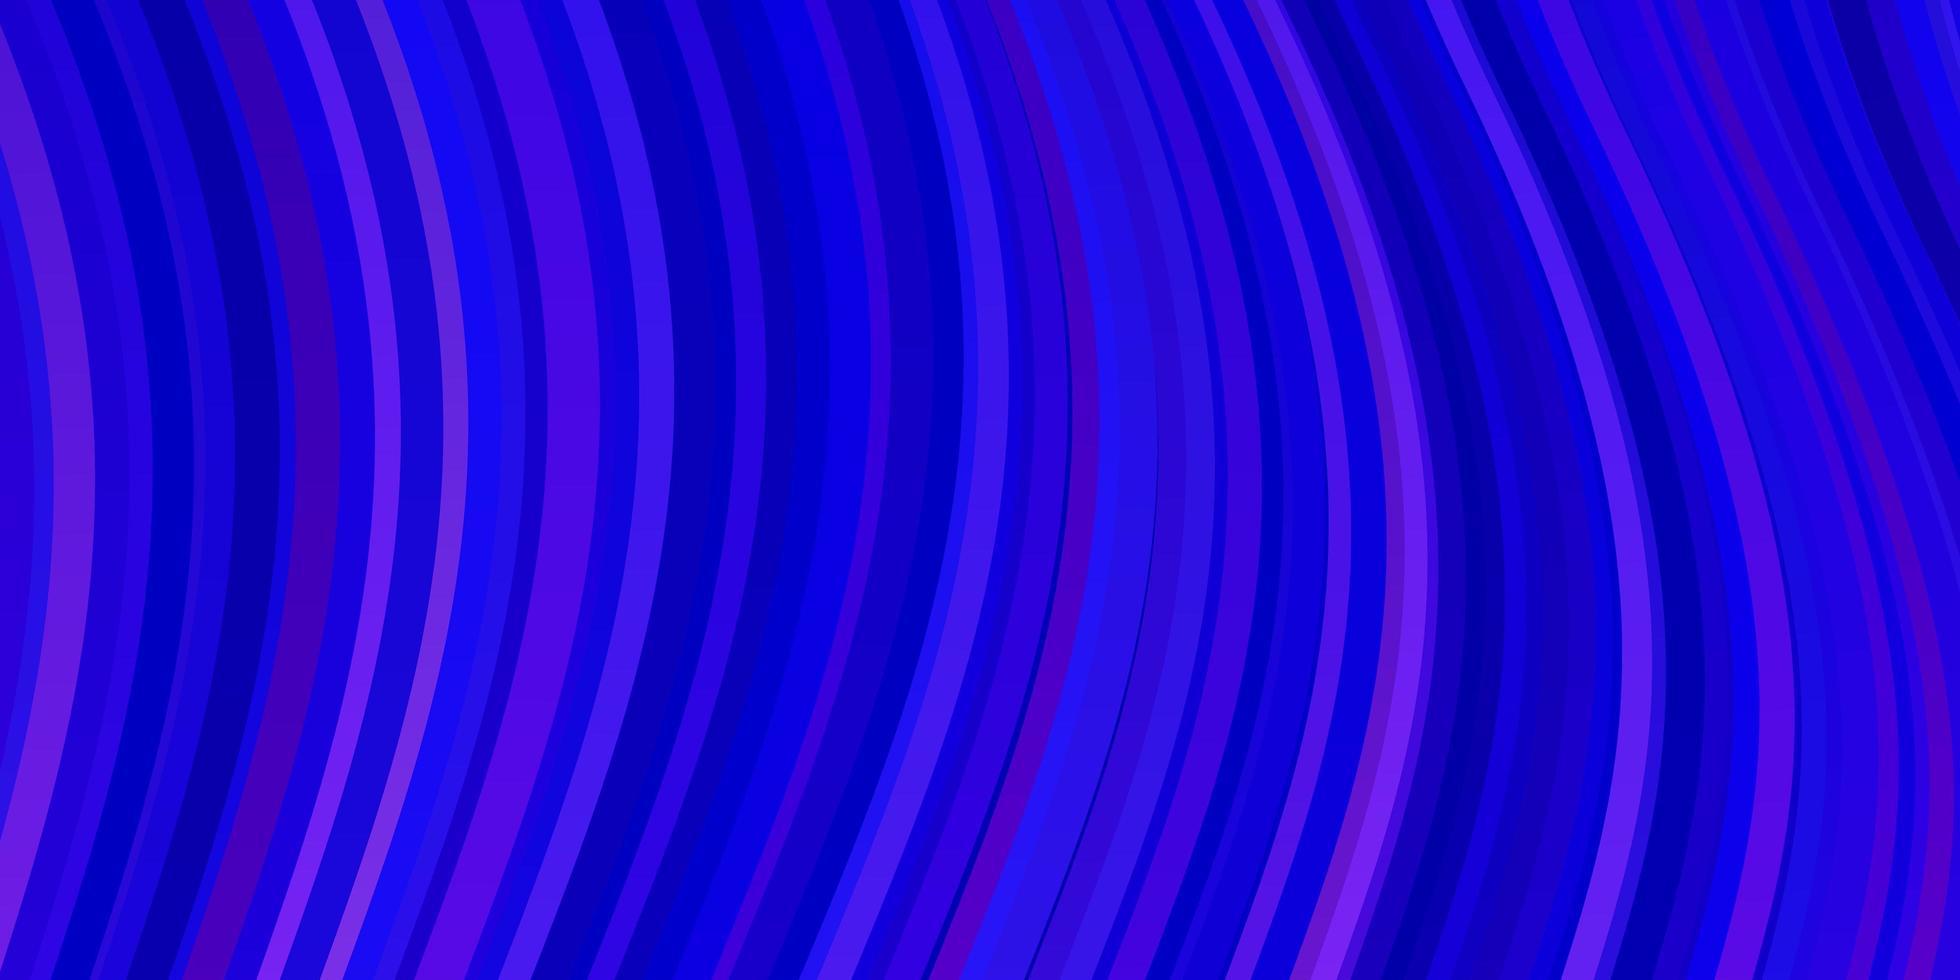 ljusrosa, blå vektormönster med kurvor. vektor